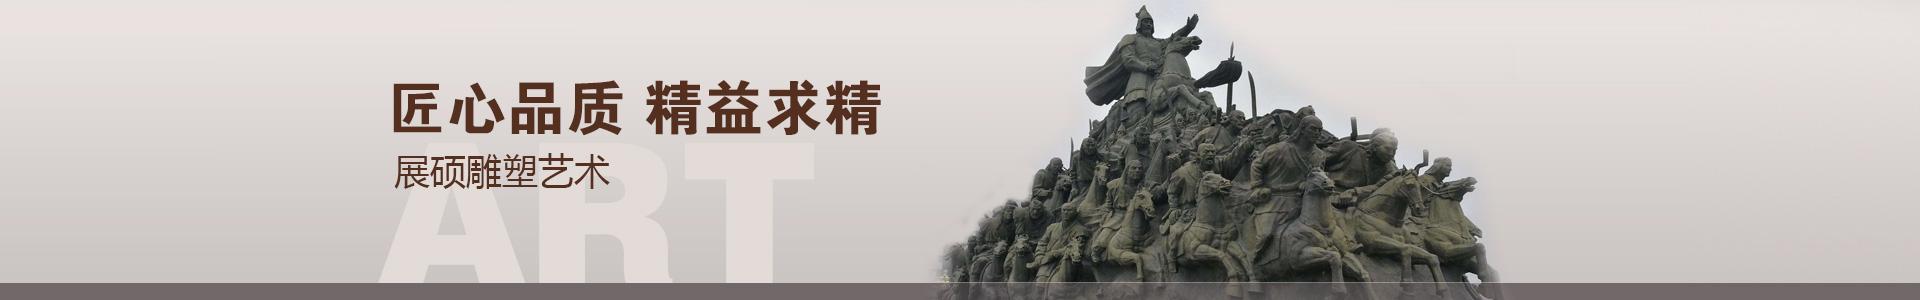 山东球彩台大头公司—球彩直播下载地址球彩台大头案例